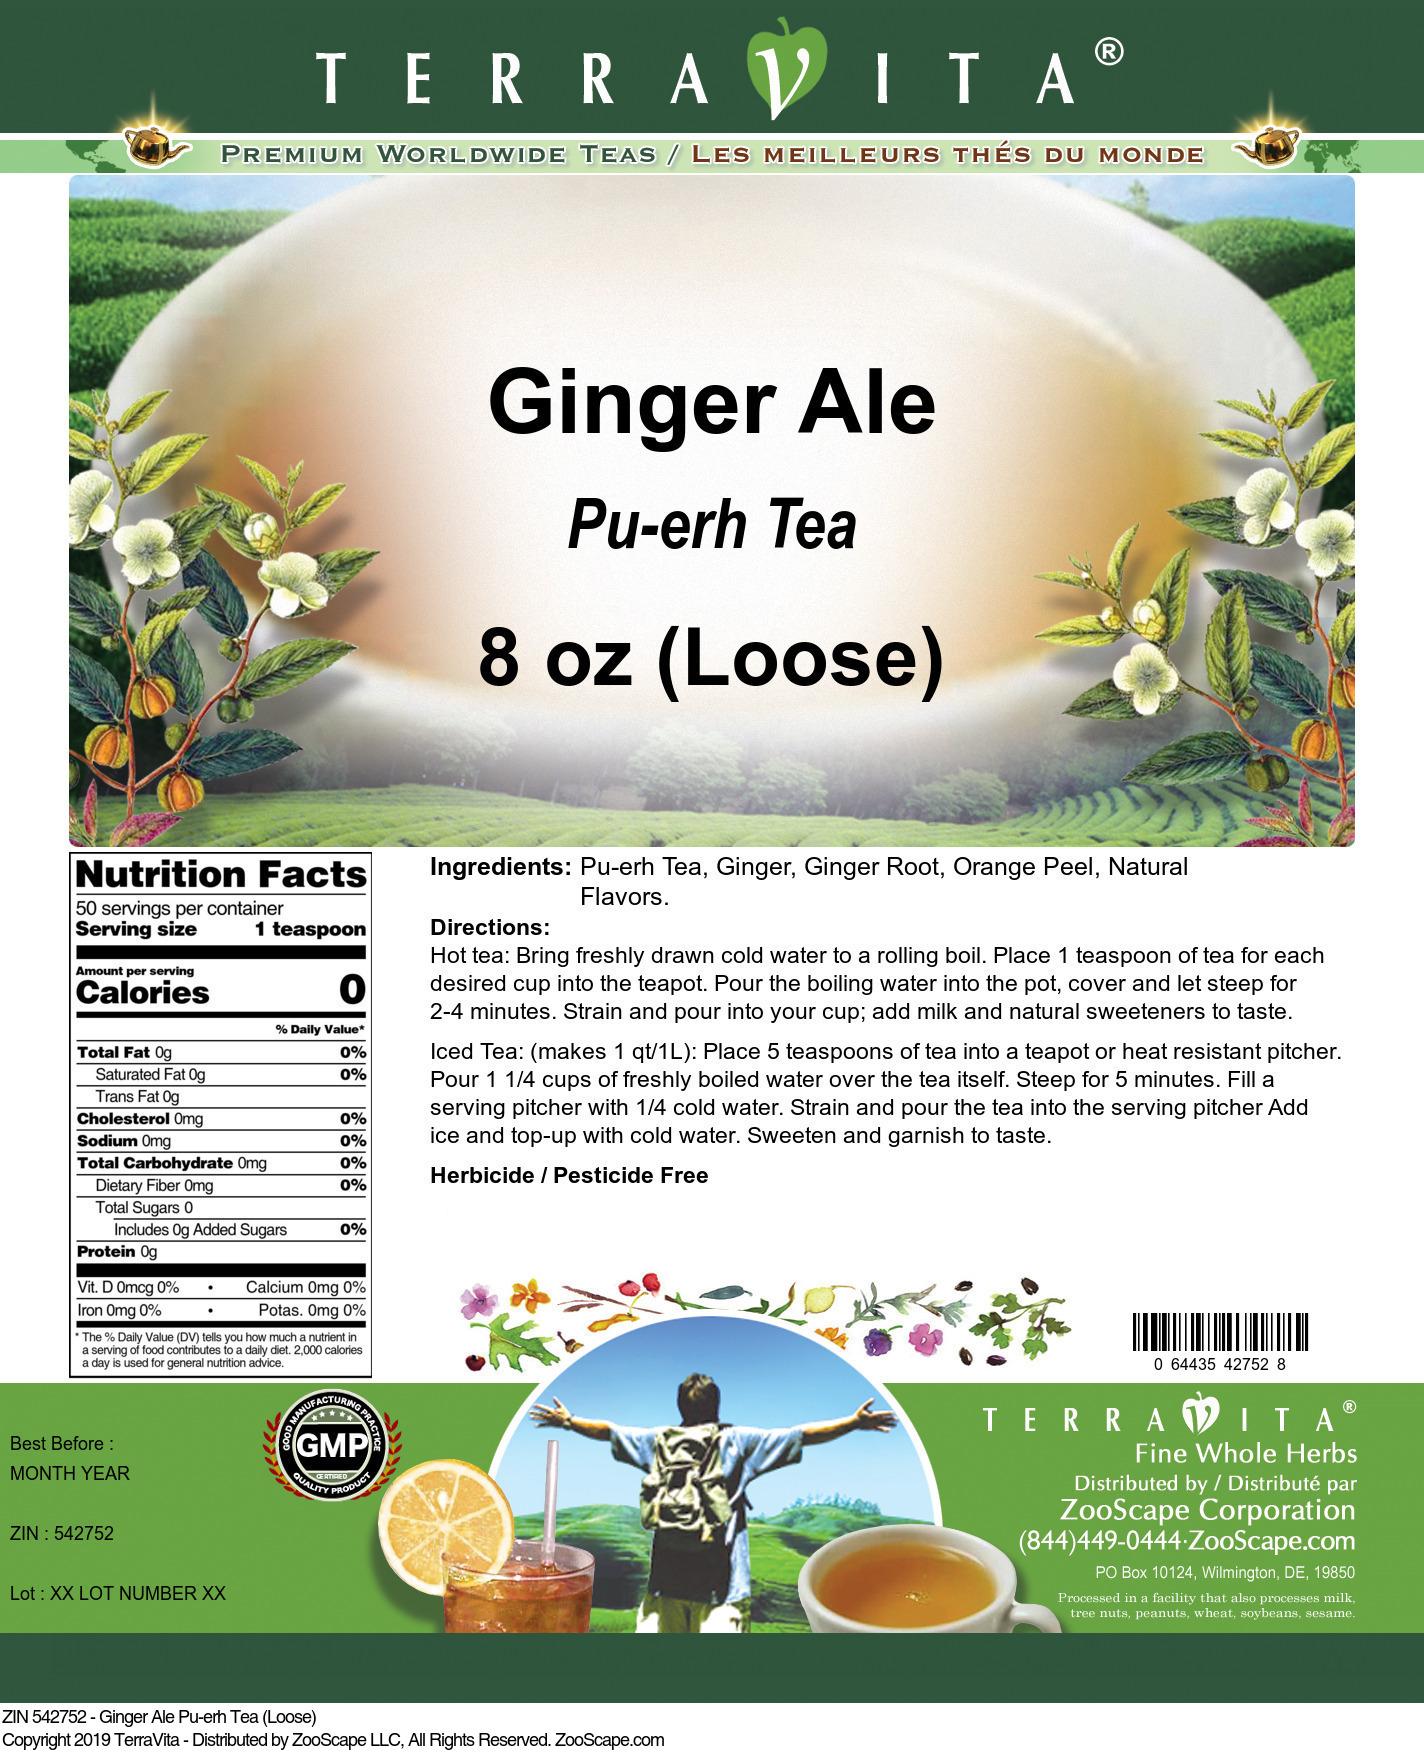 Ginger Ale Pu-erh Tea (Loose)